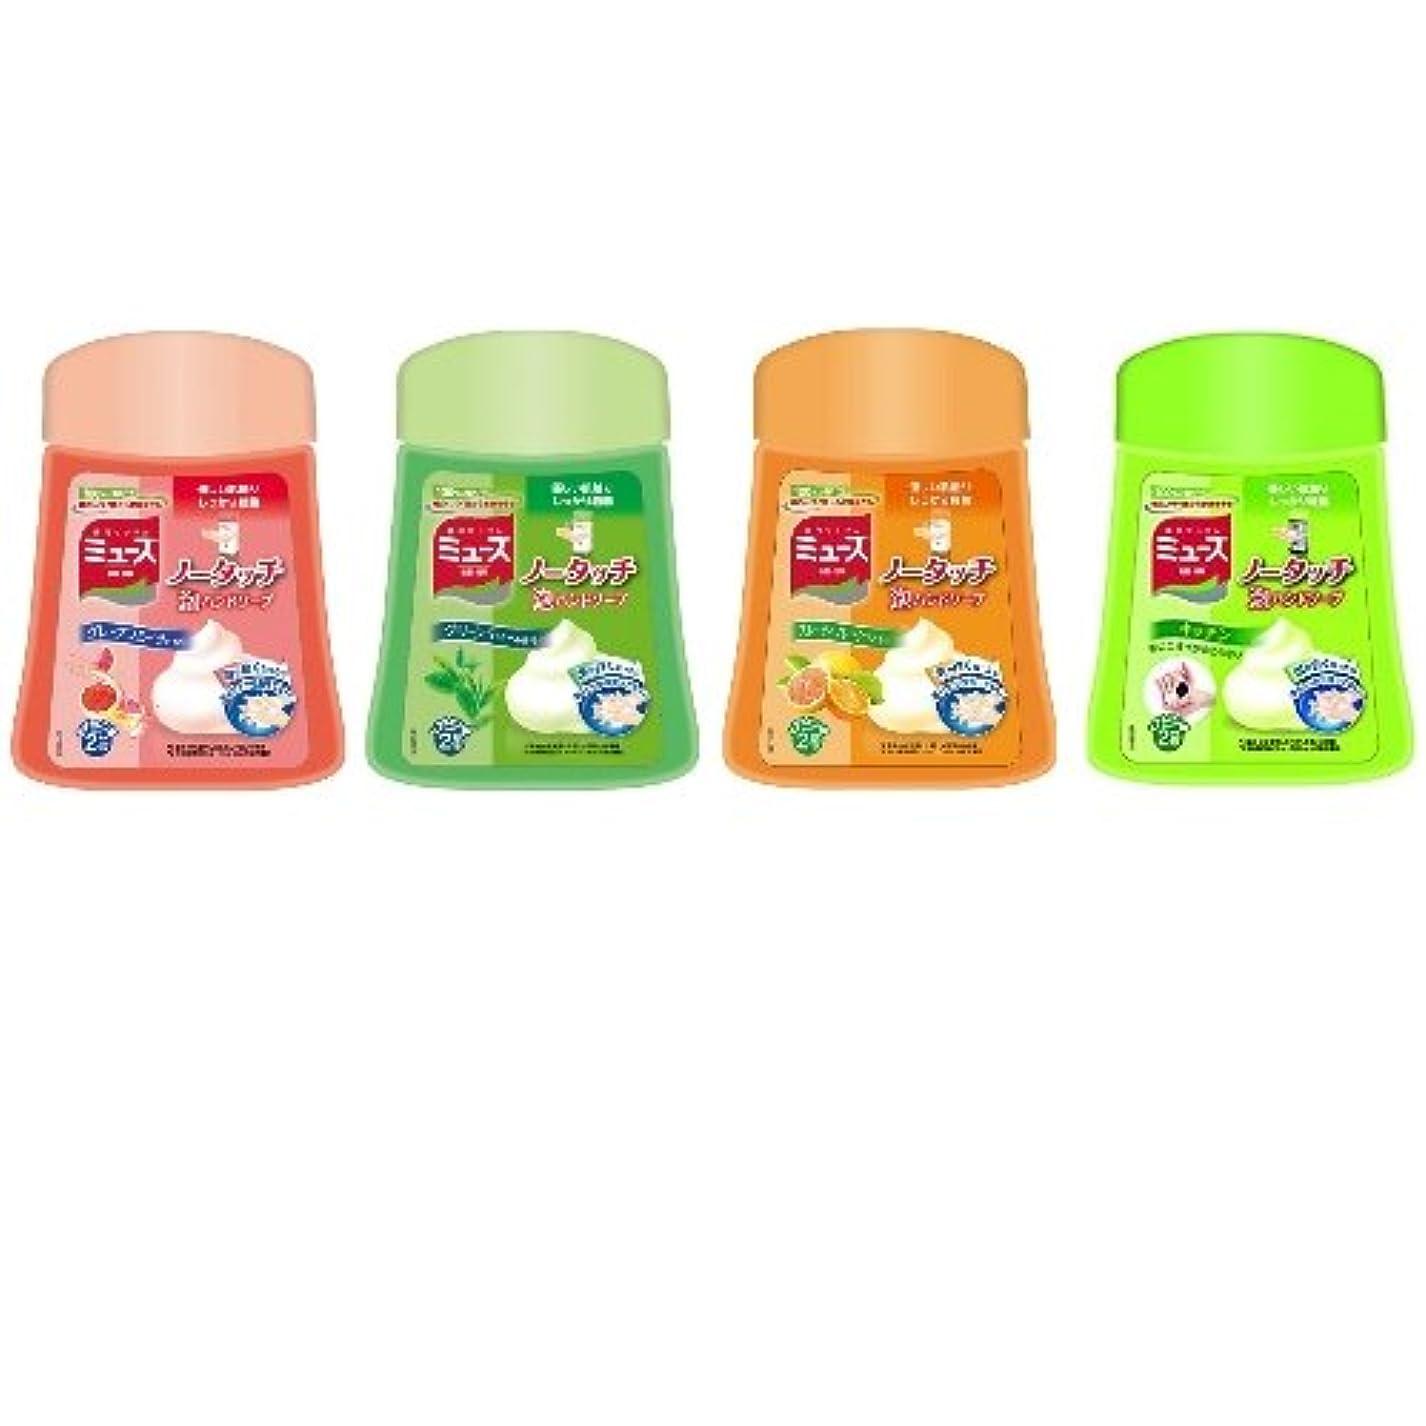 温度計前にエンドテーブルミューズ ノータッチ 泡ハンドソープ 詰替え 4種の色と香りボトル 250ml×4個 薬用ハンドソープ 手洗い 殺菌 消毒